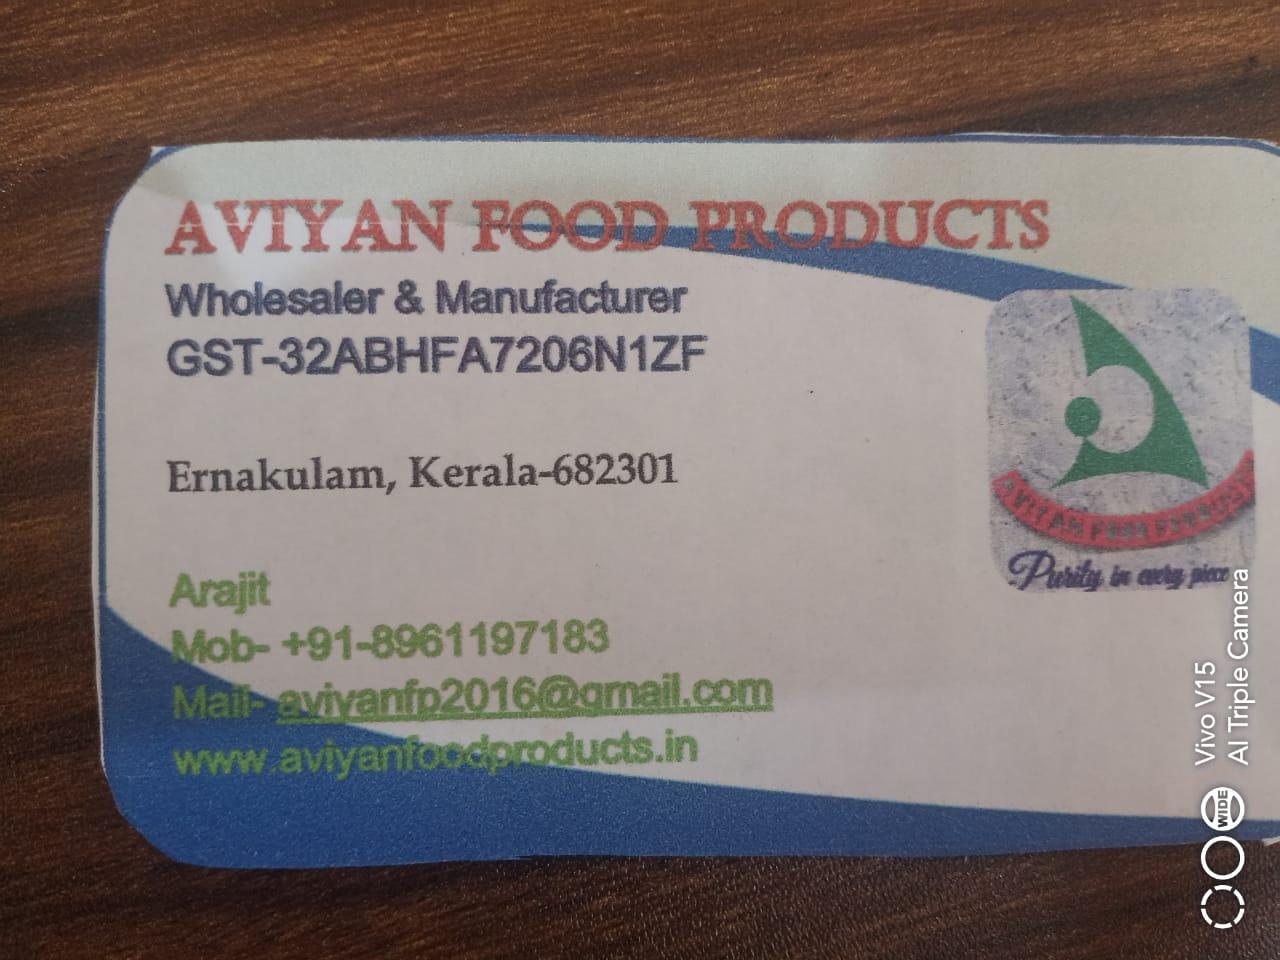 Aviyan Food Product